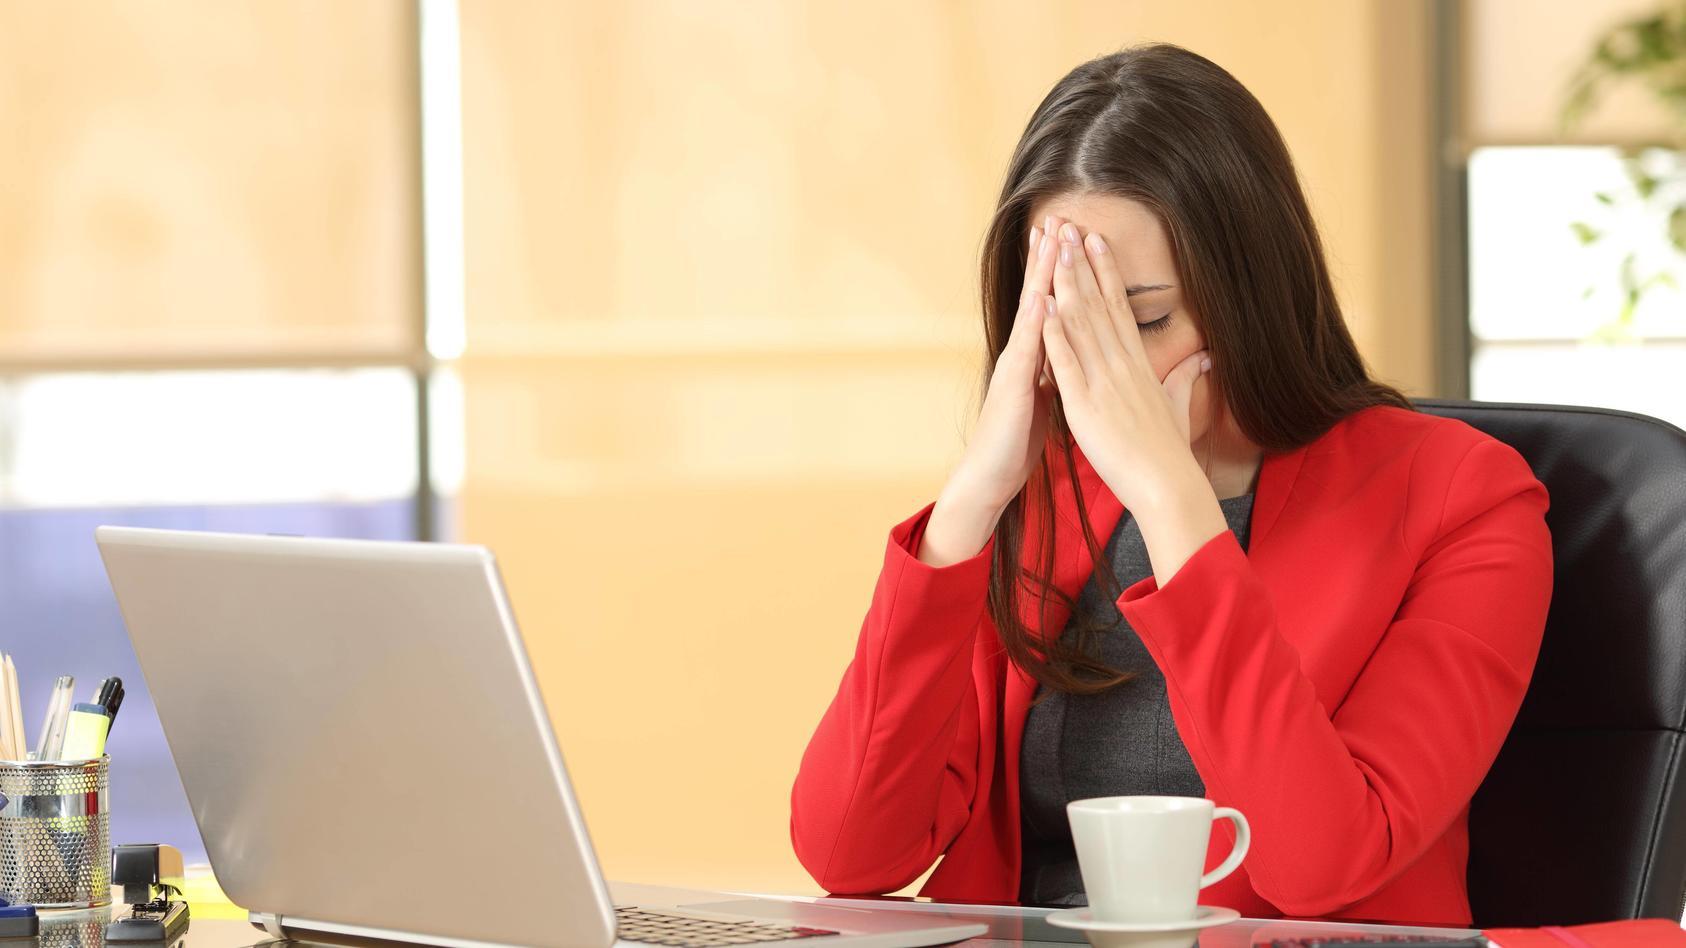 Überarbeitet im Homeoffice? Webseiten wollen wenigstens ein bisschen Entspannung schaffen